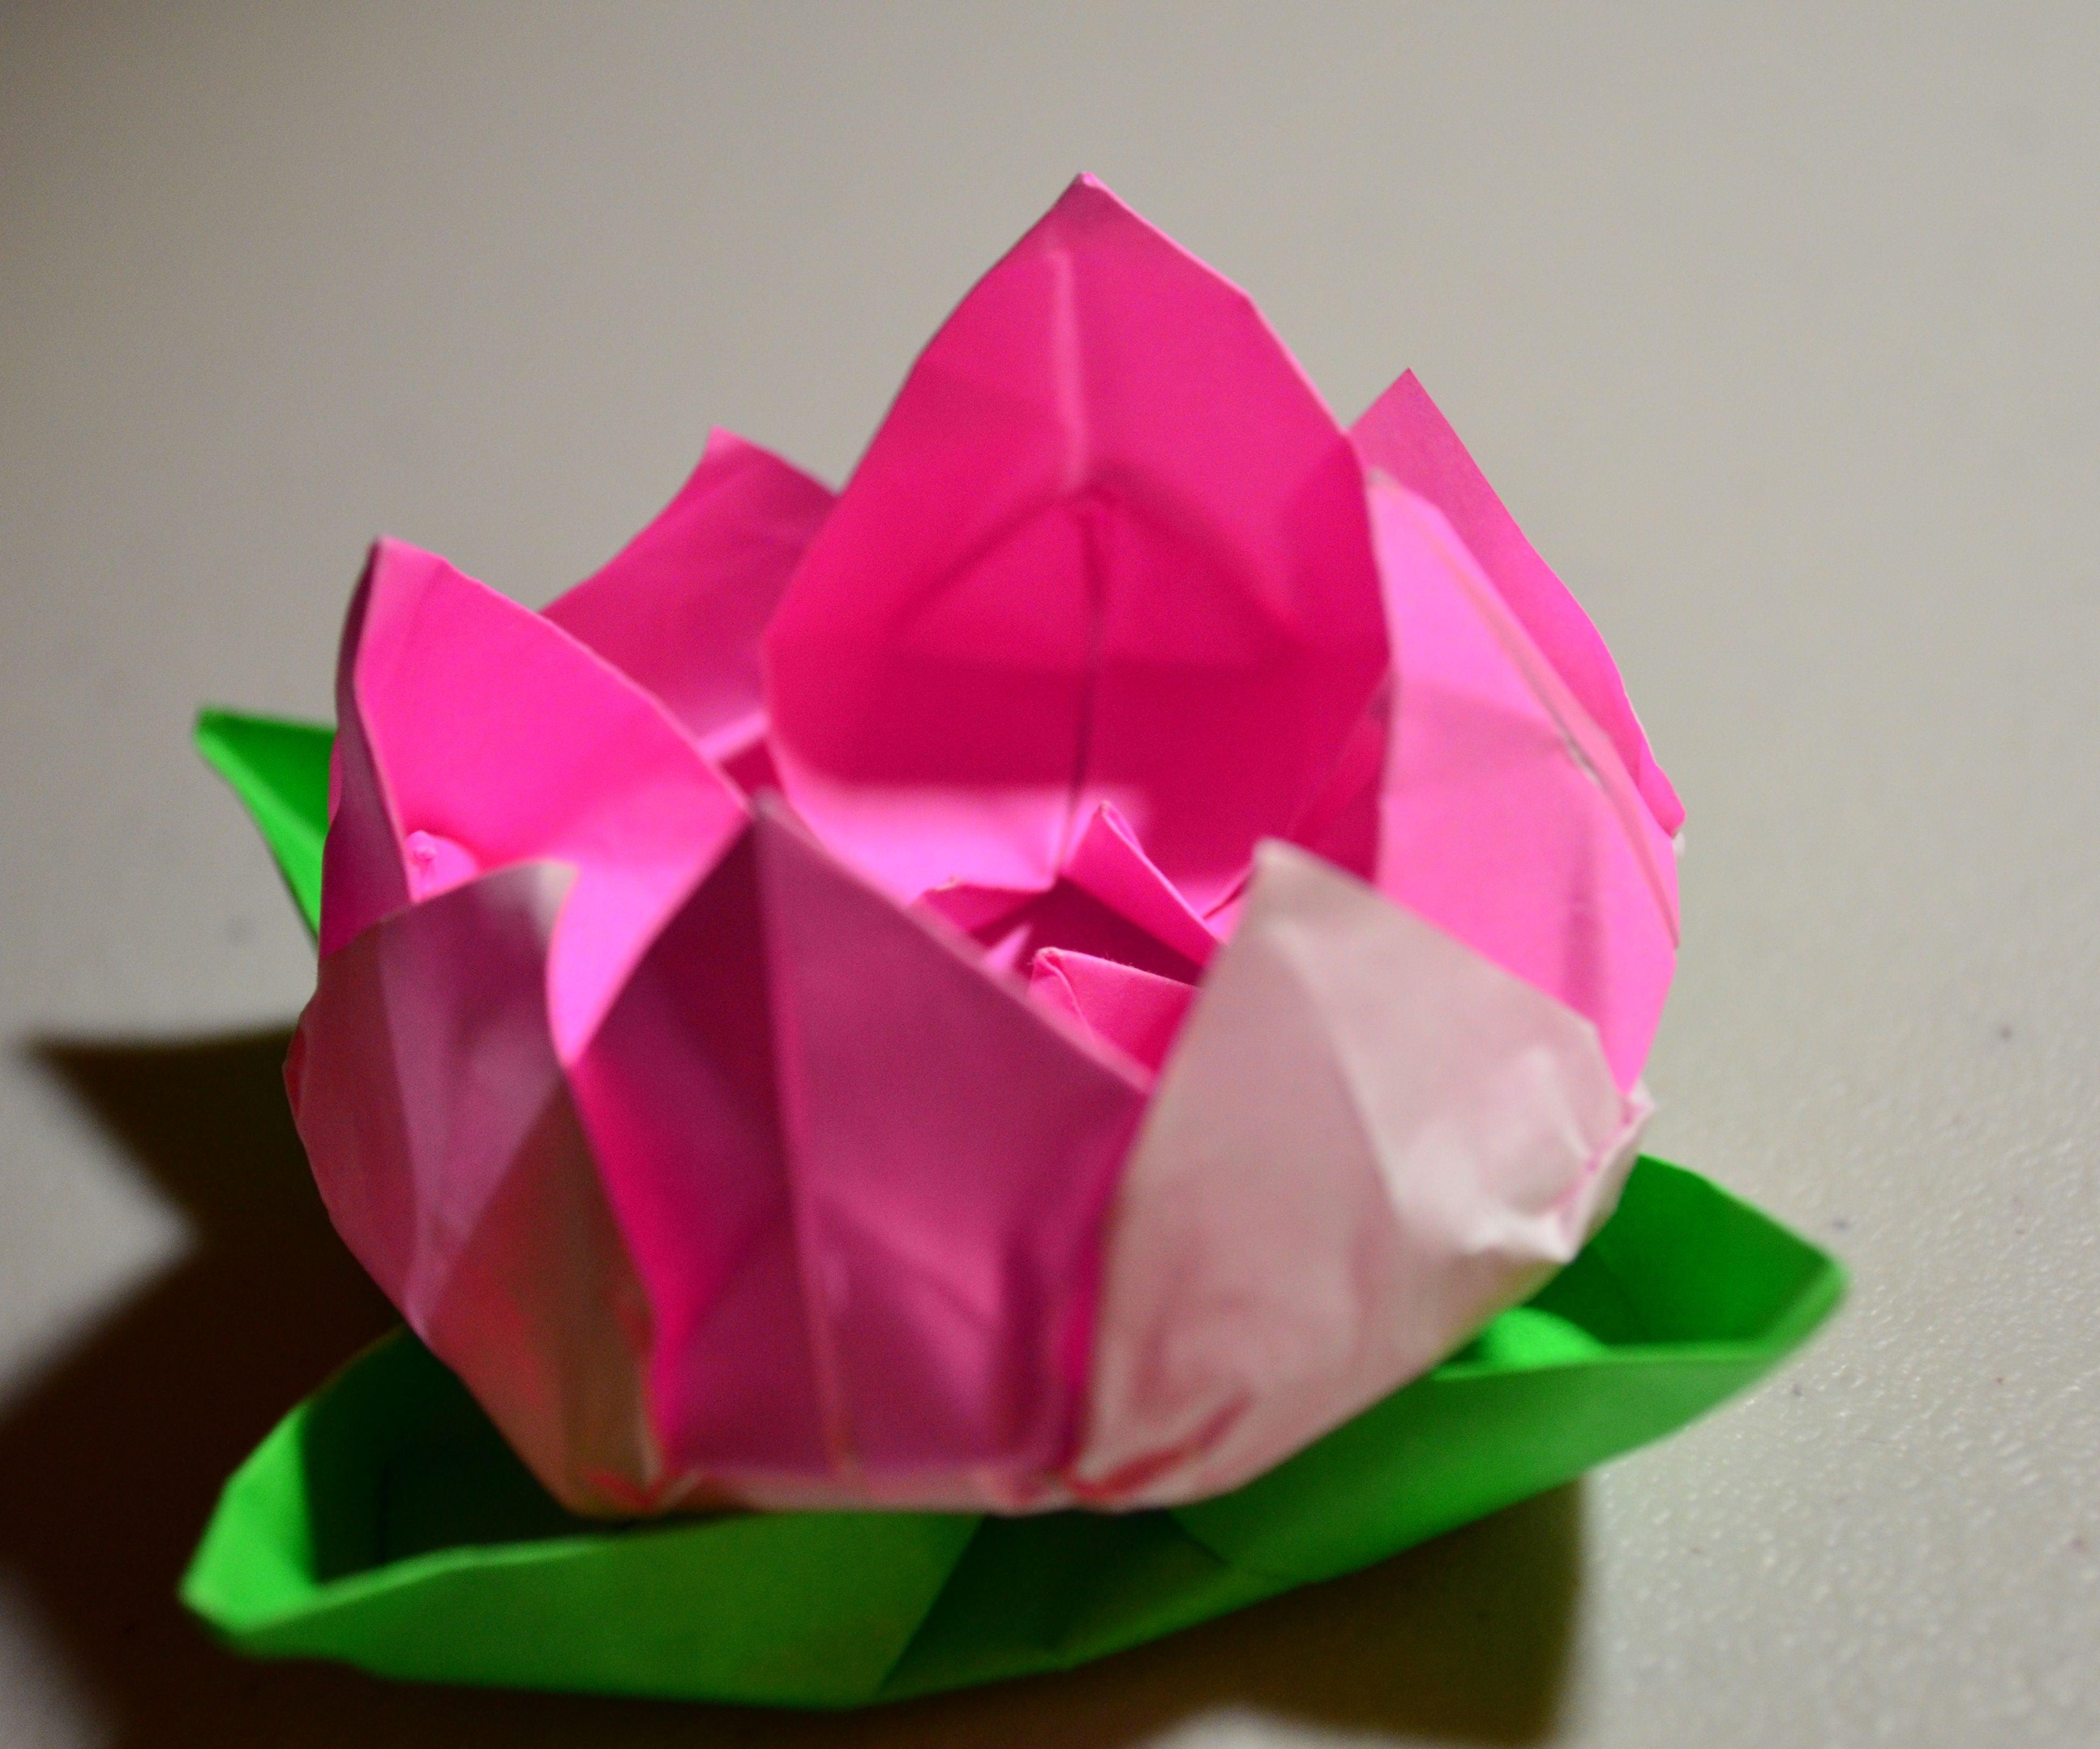 Modular Origami Lotus Flower with 8 Petals - Tutorial - Paper Kawaii | 3264x3920